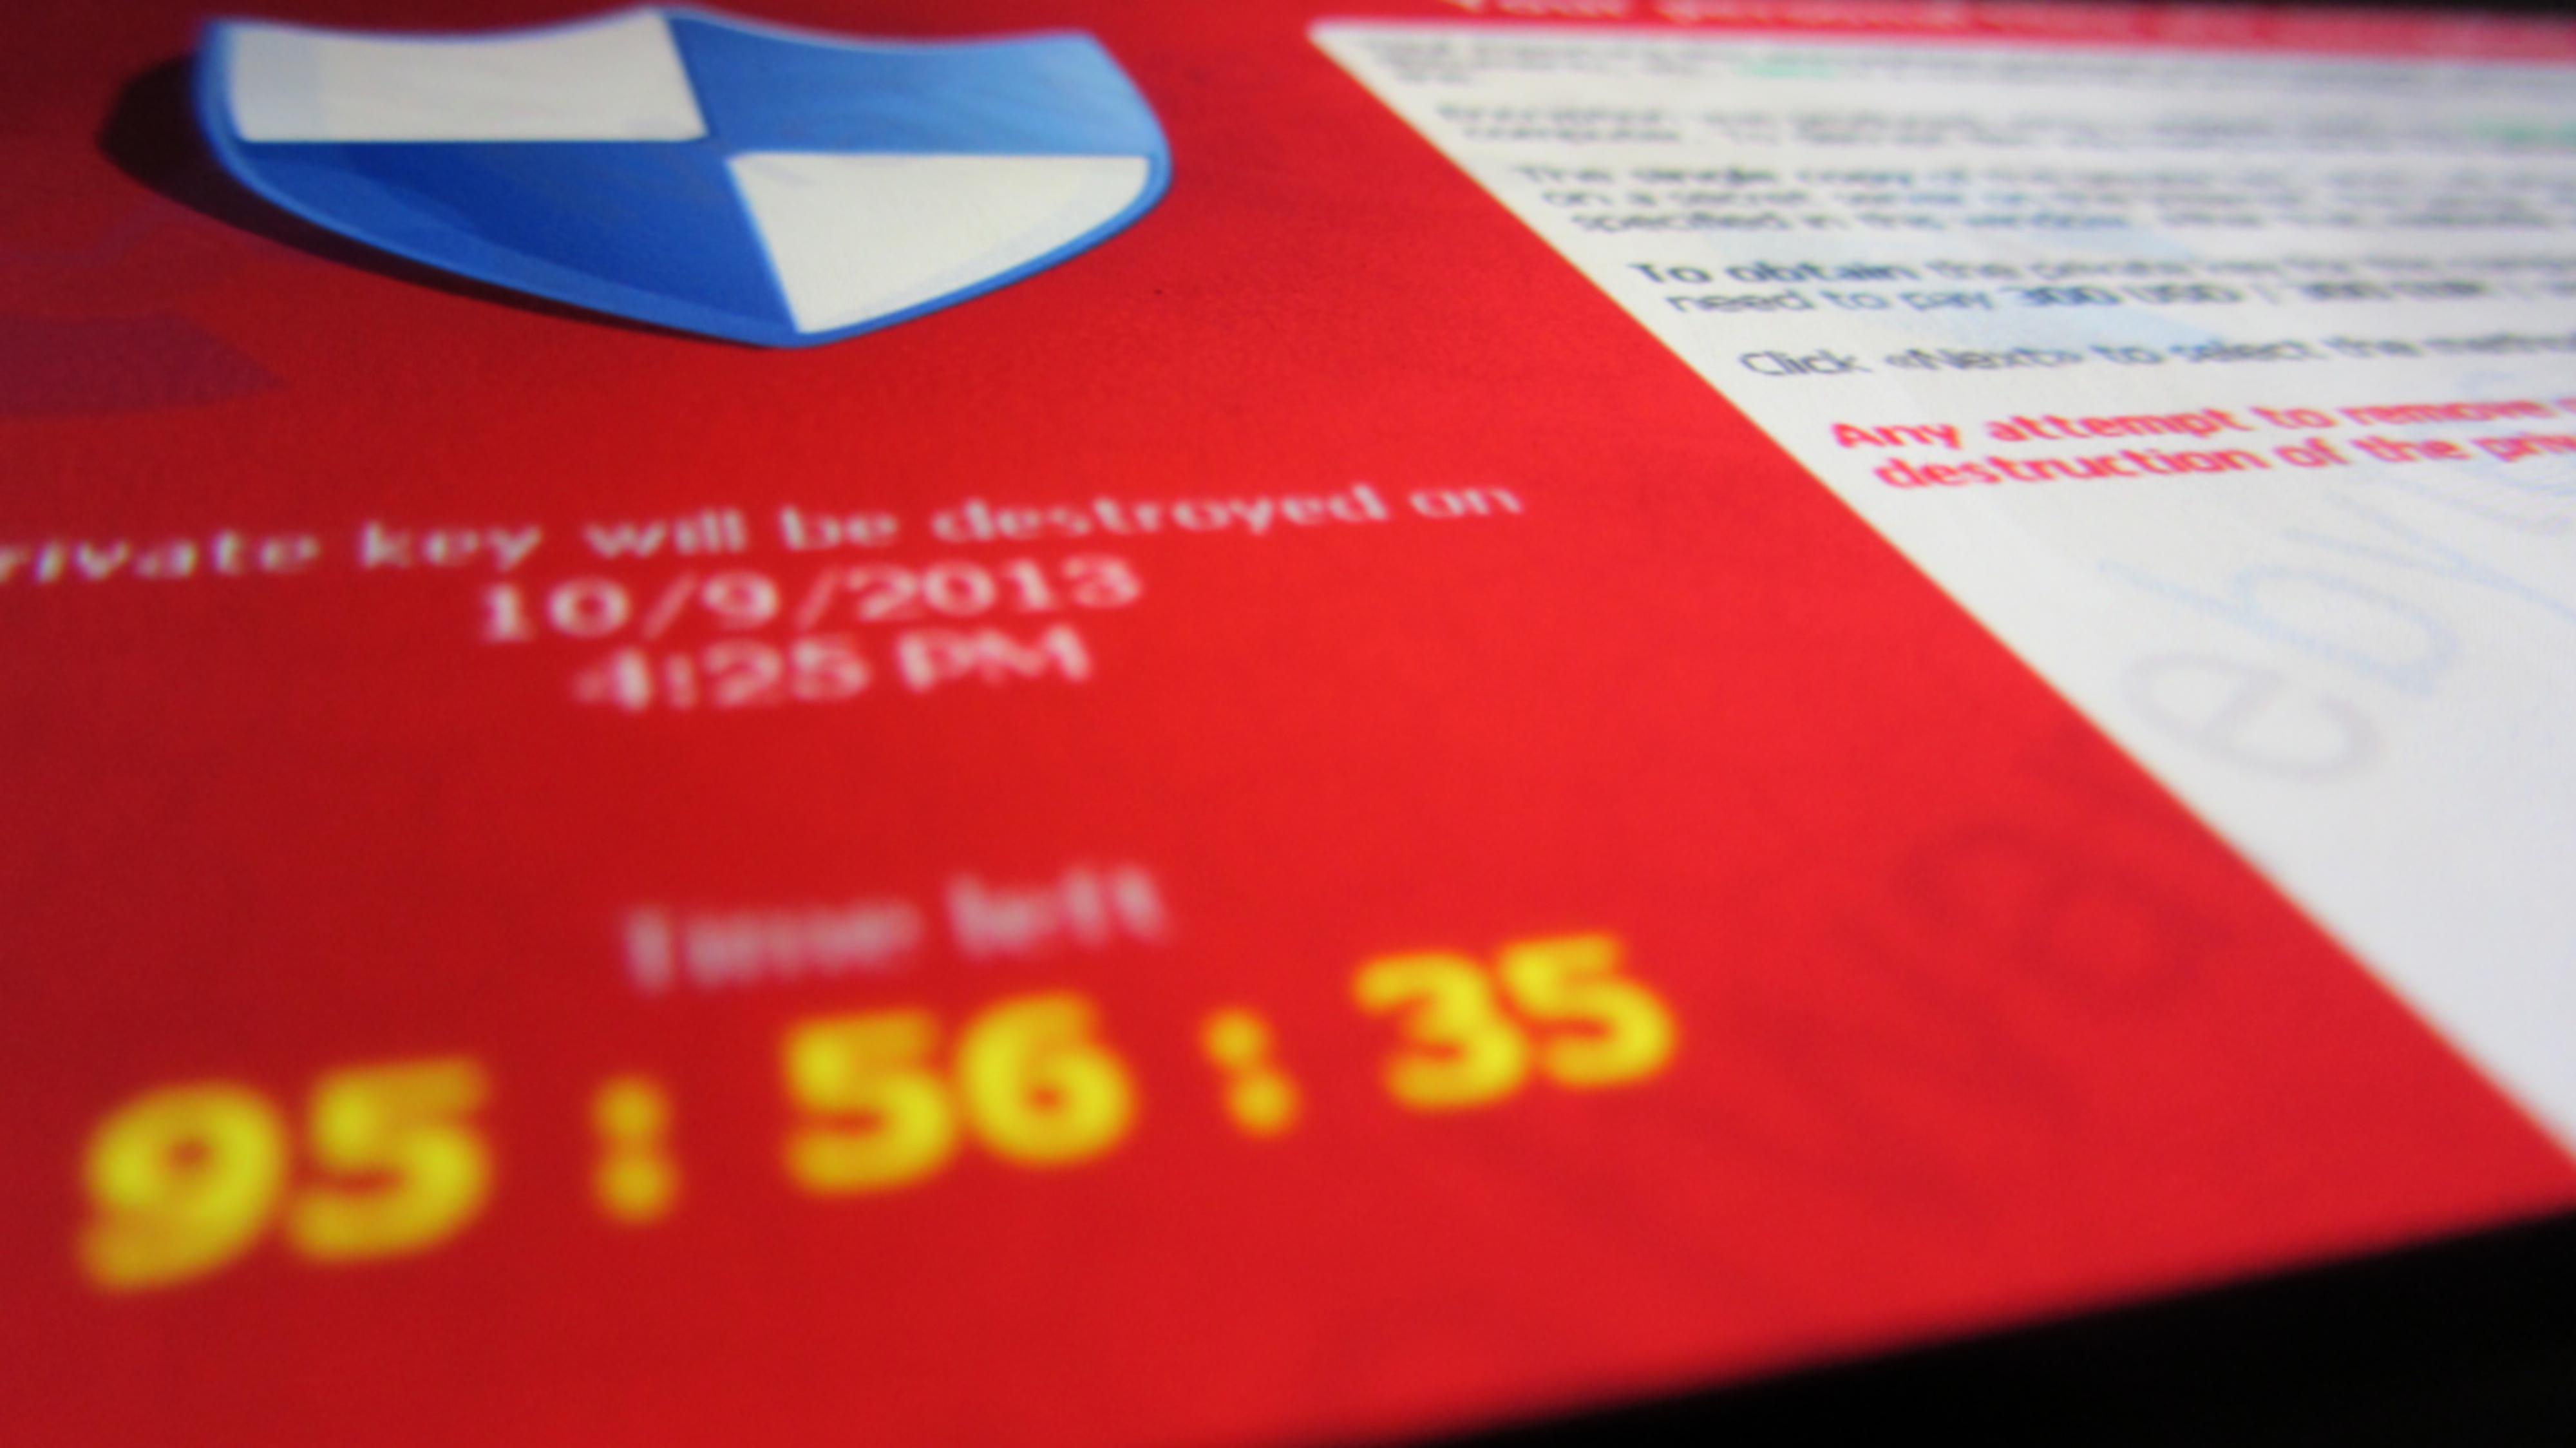 El ransomware, el virus más a tener en cuenta actualmente por usuarios y empresas